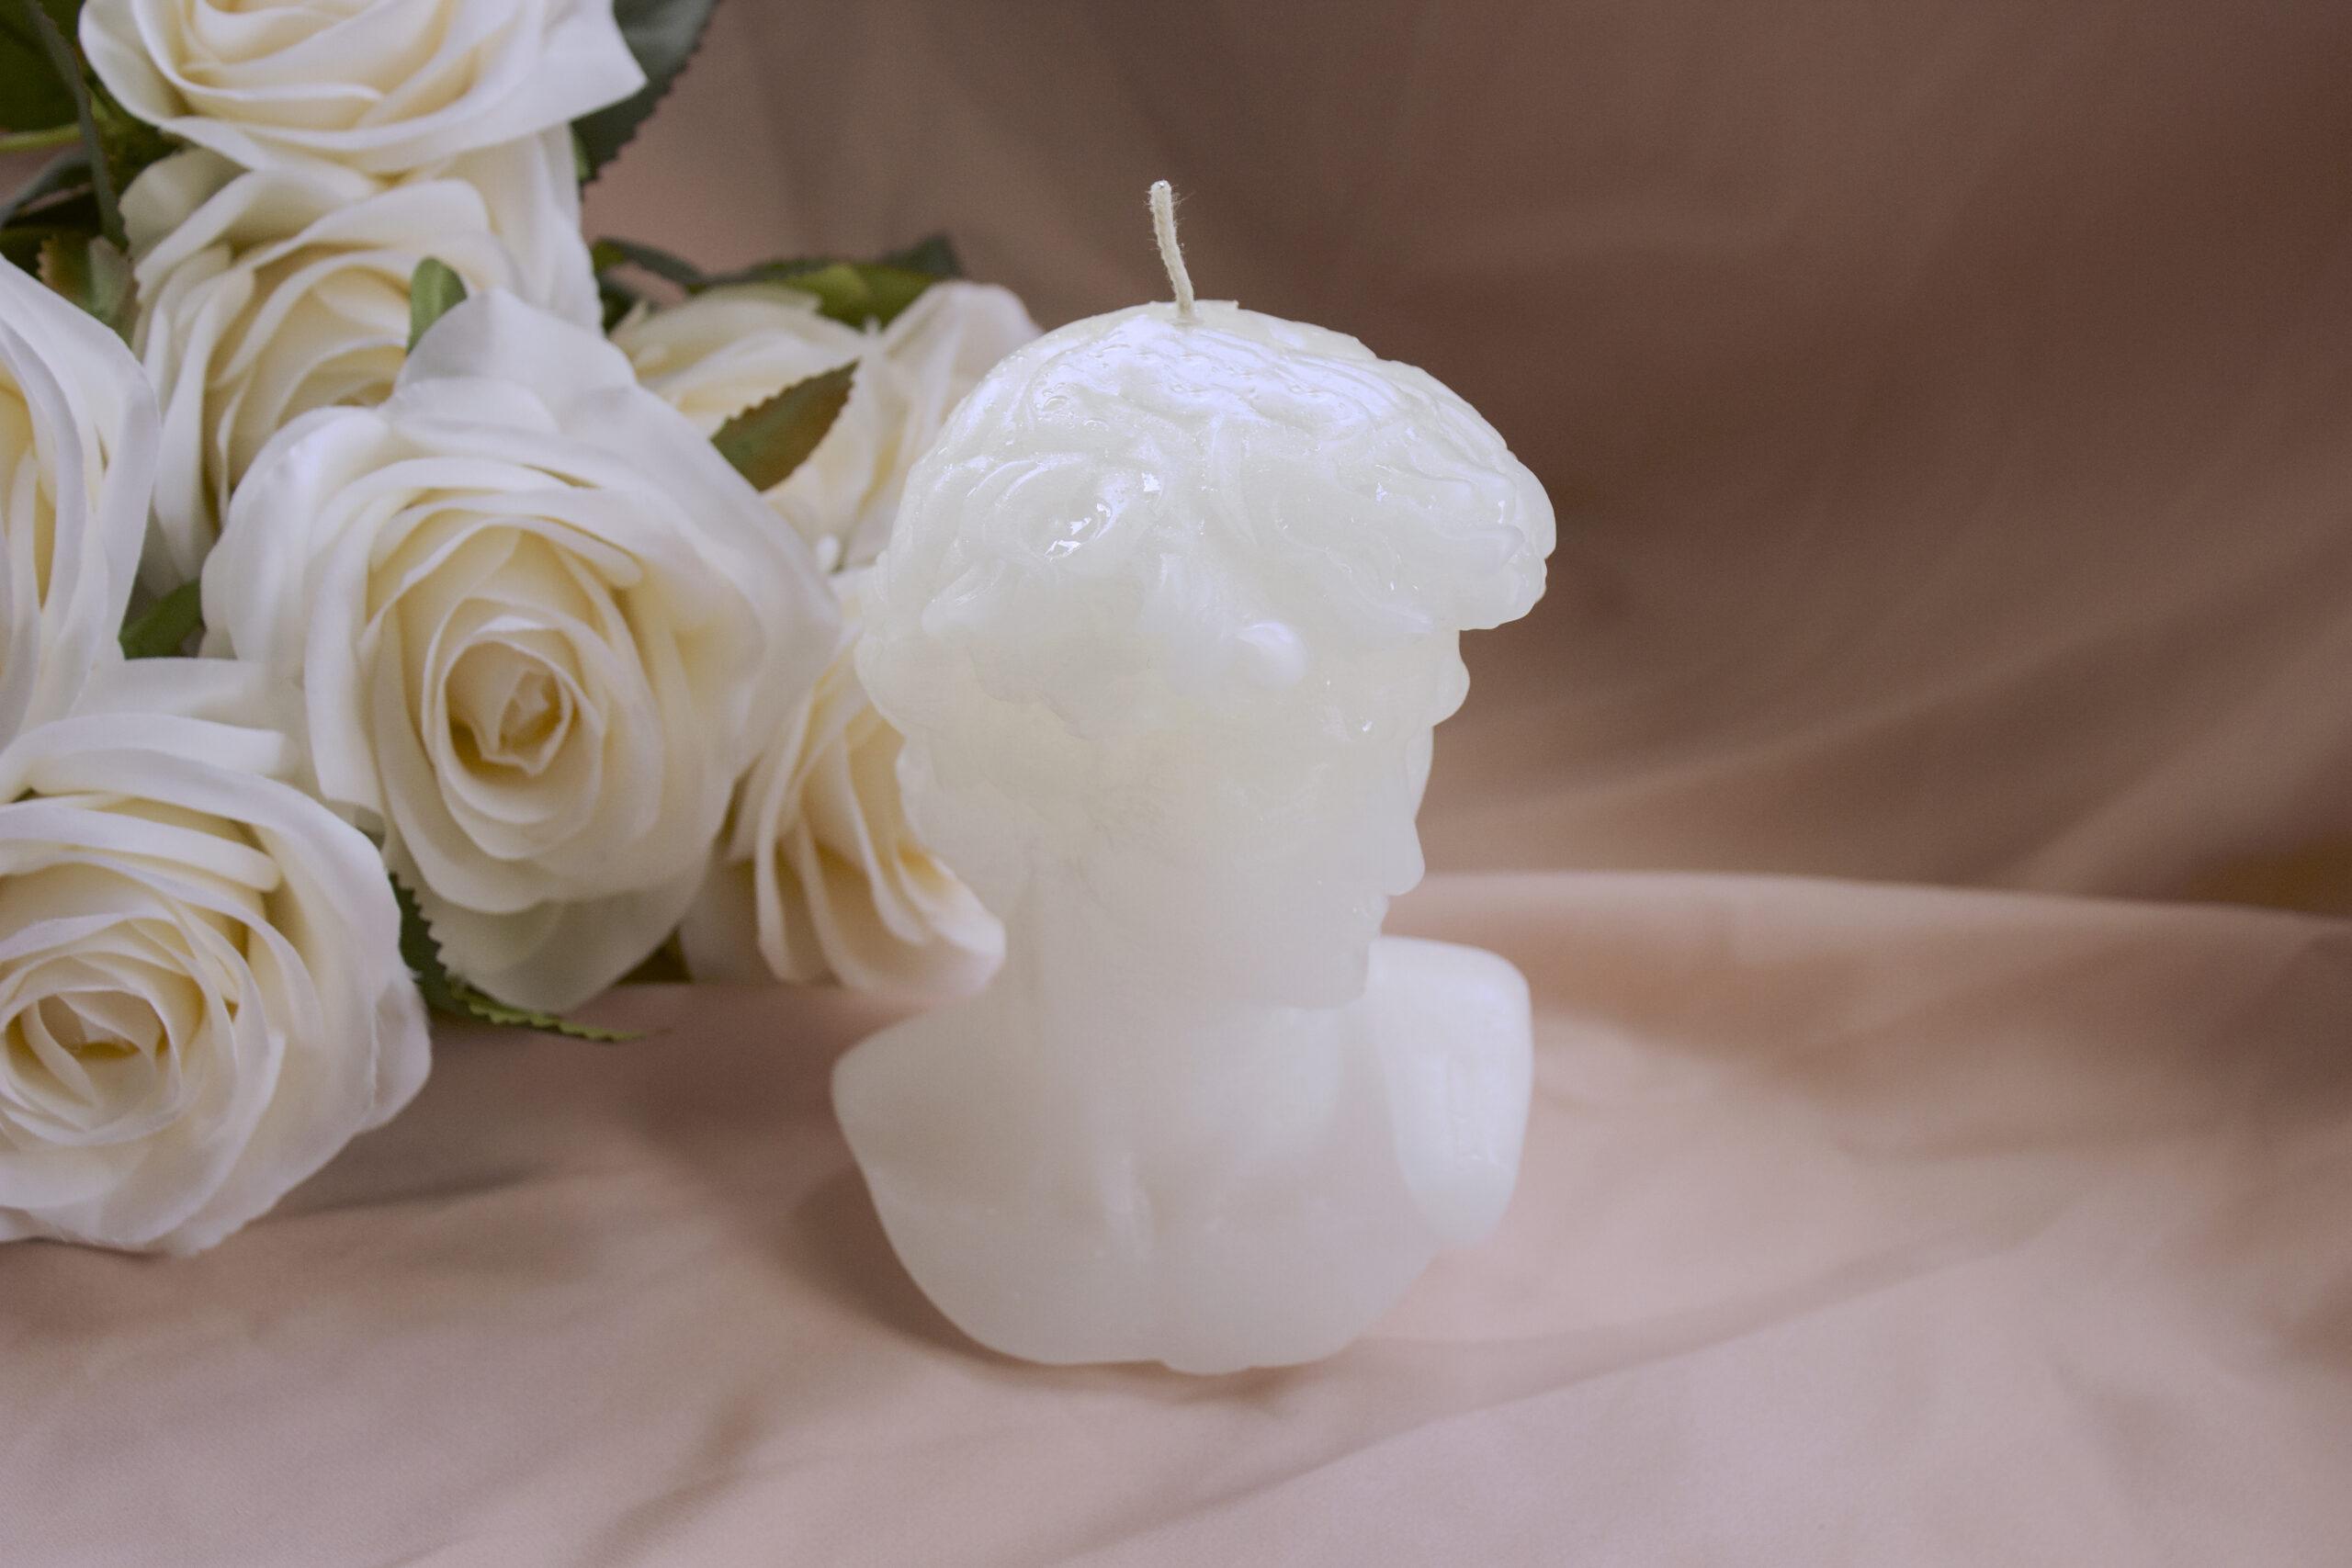 busto de David vela hecho a mano fondo tela palo de rosa y flores